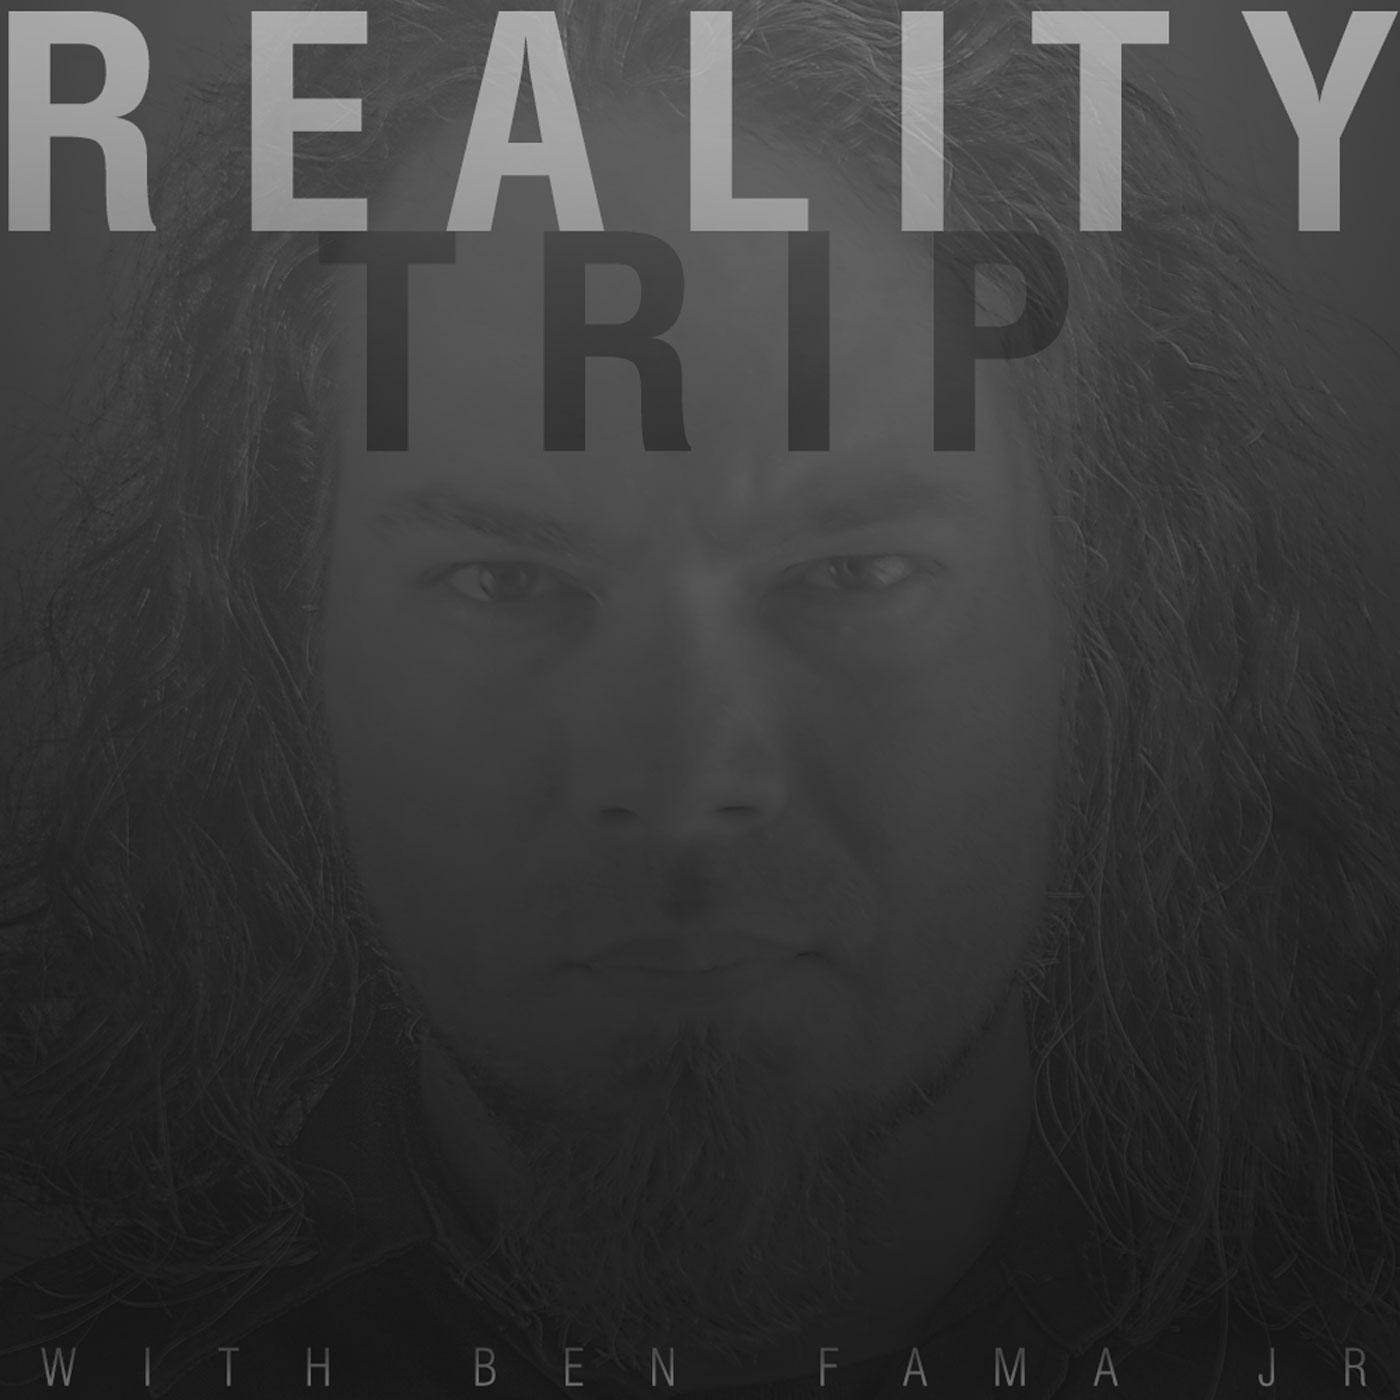 Reality Trip with Ben Fama Jr. - Ben Fama Jr.